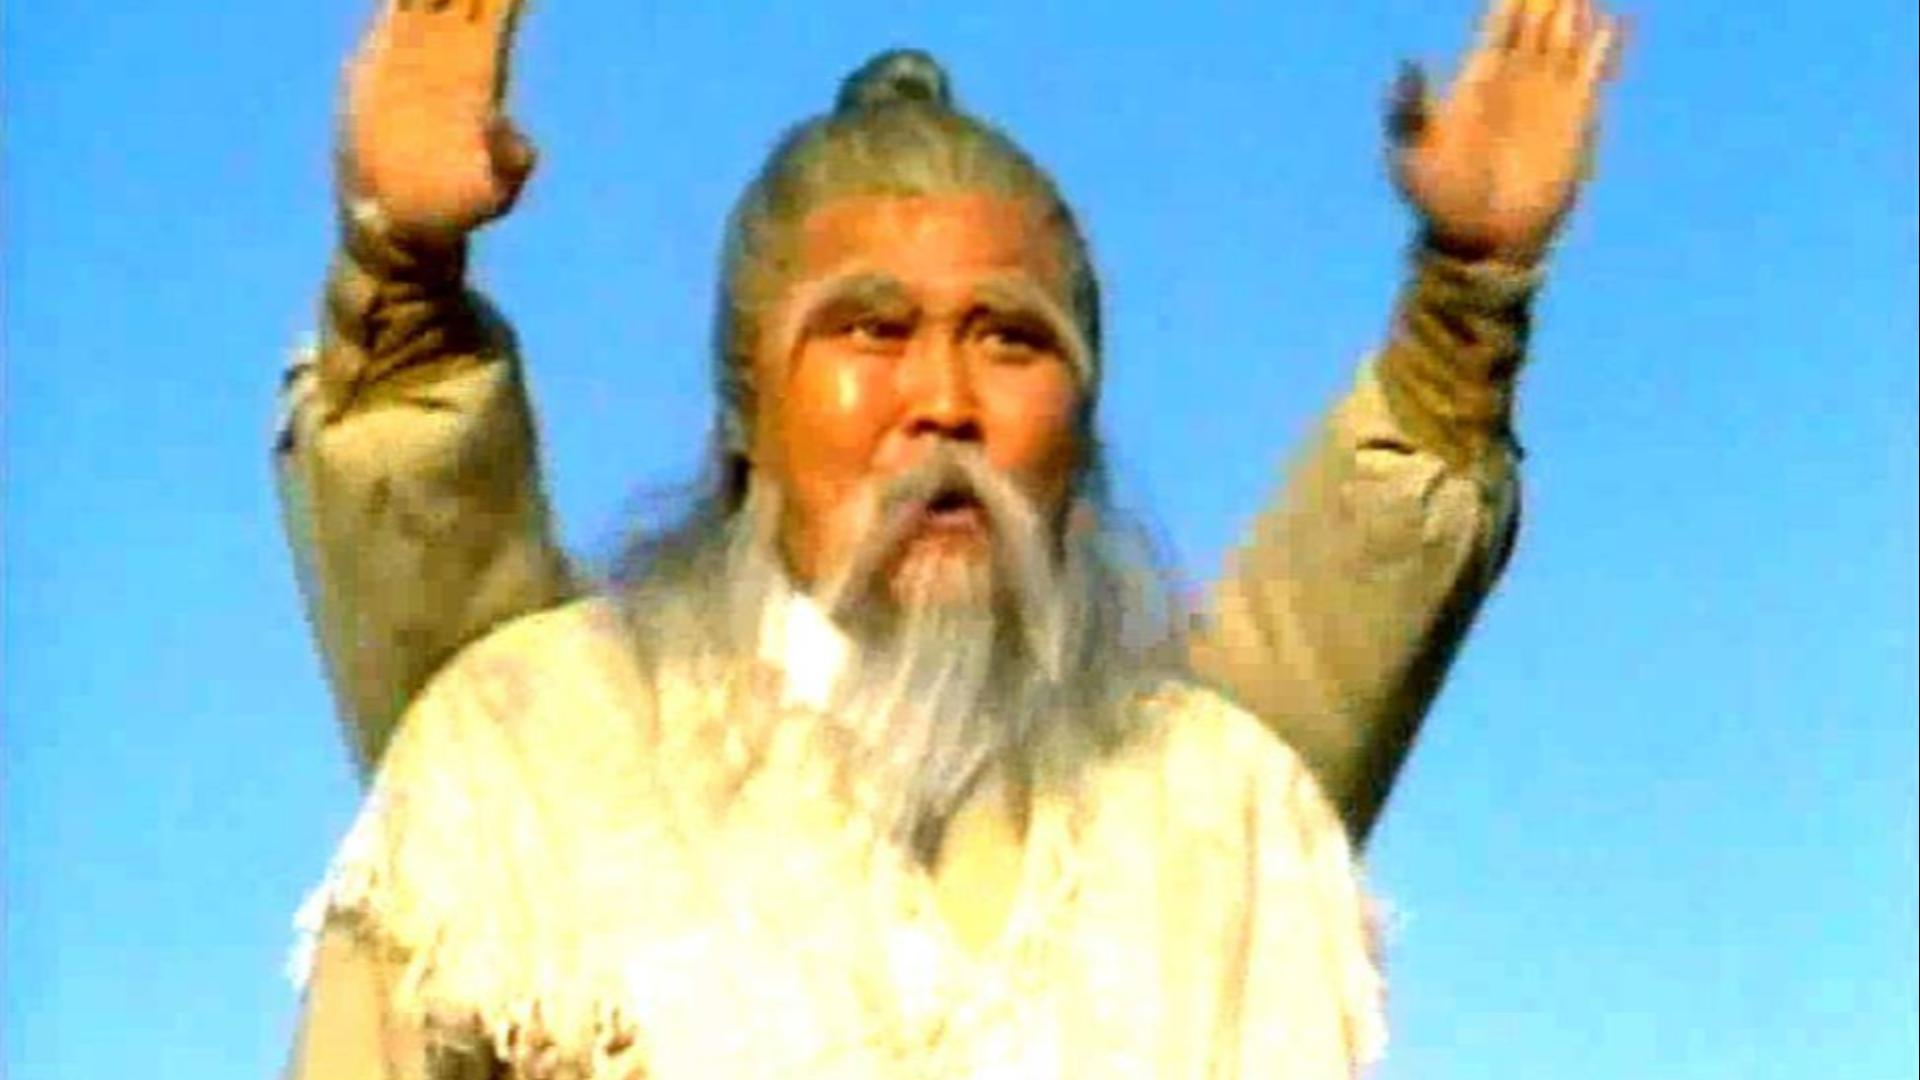 详细解说金庸名著射雕英雄传,老顽童大战黄老邪